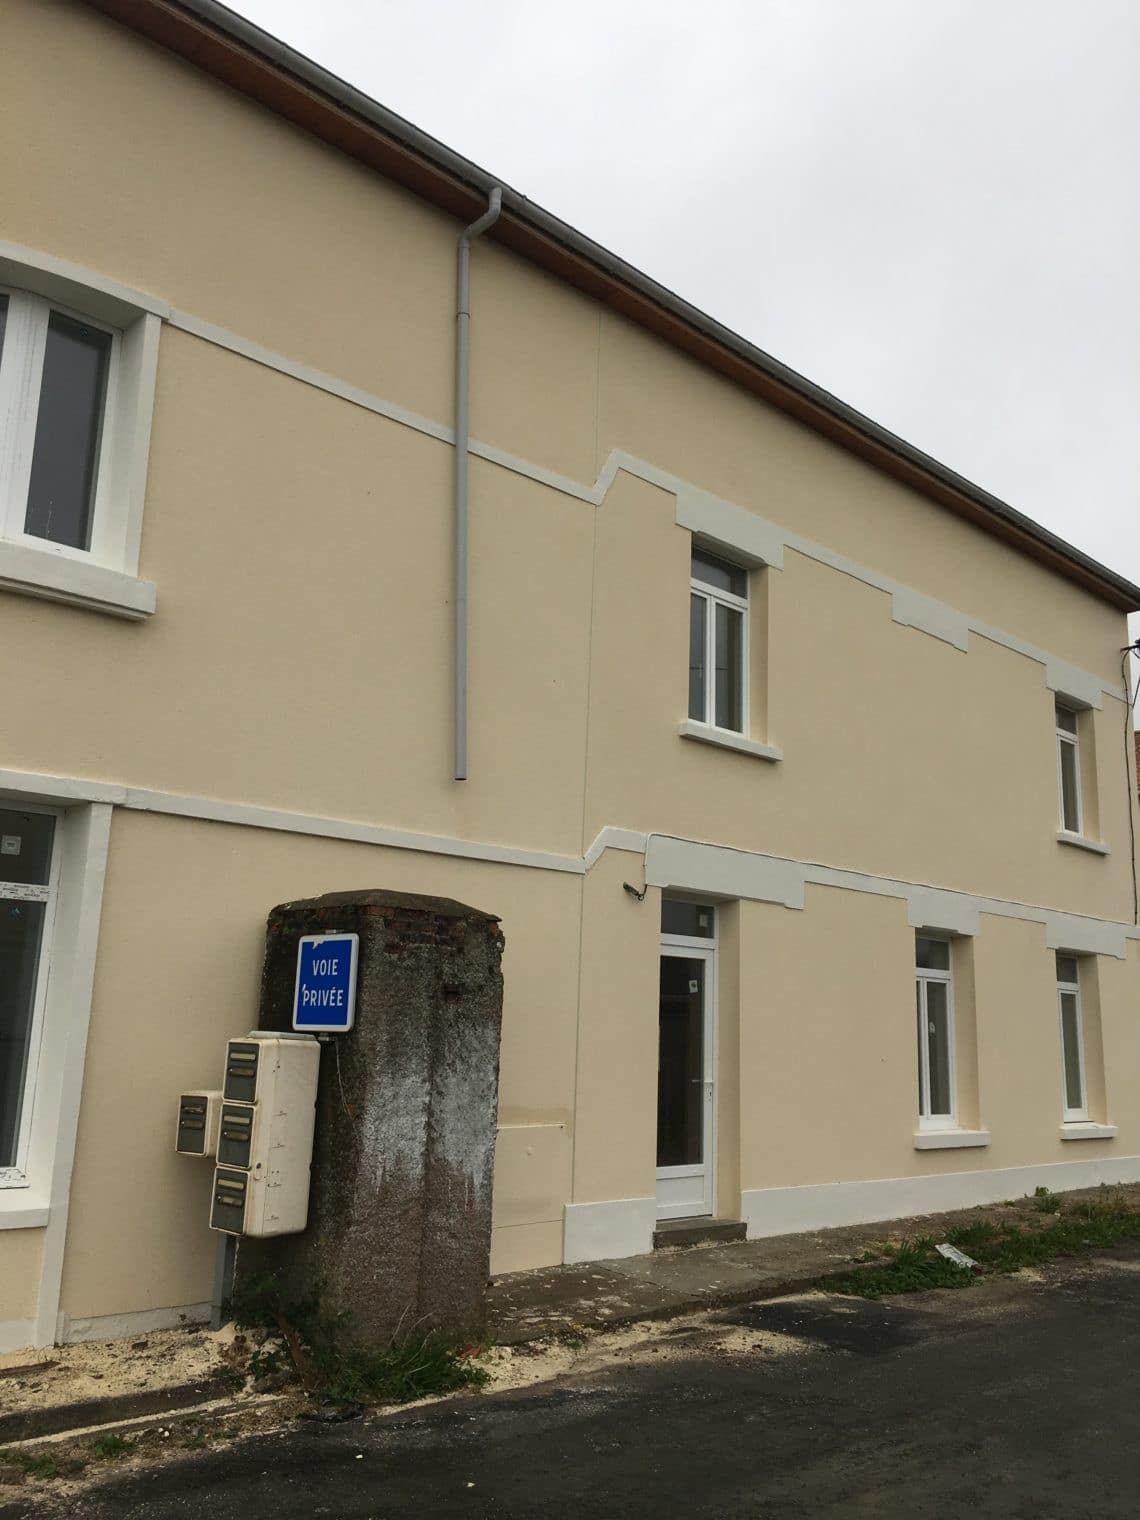 Urbel-Calais-renovation-facade-2-1140x1520.jpg